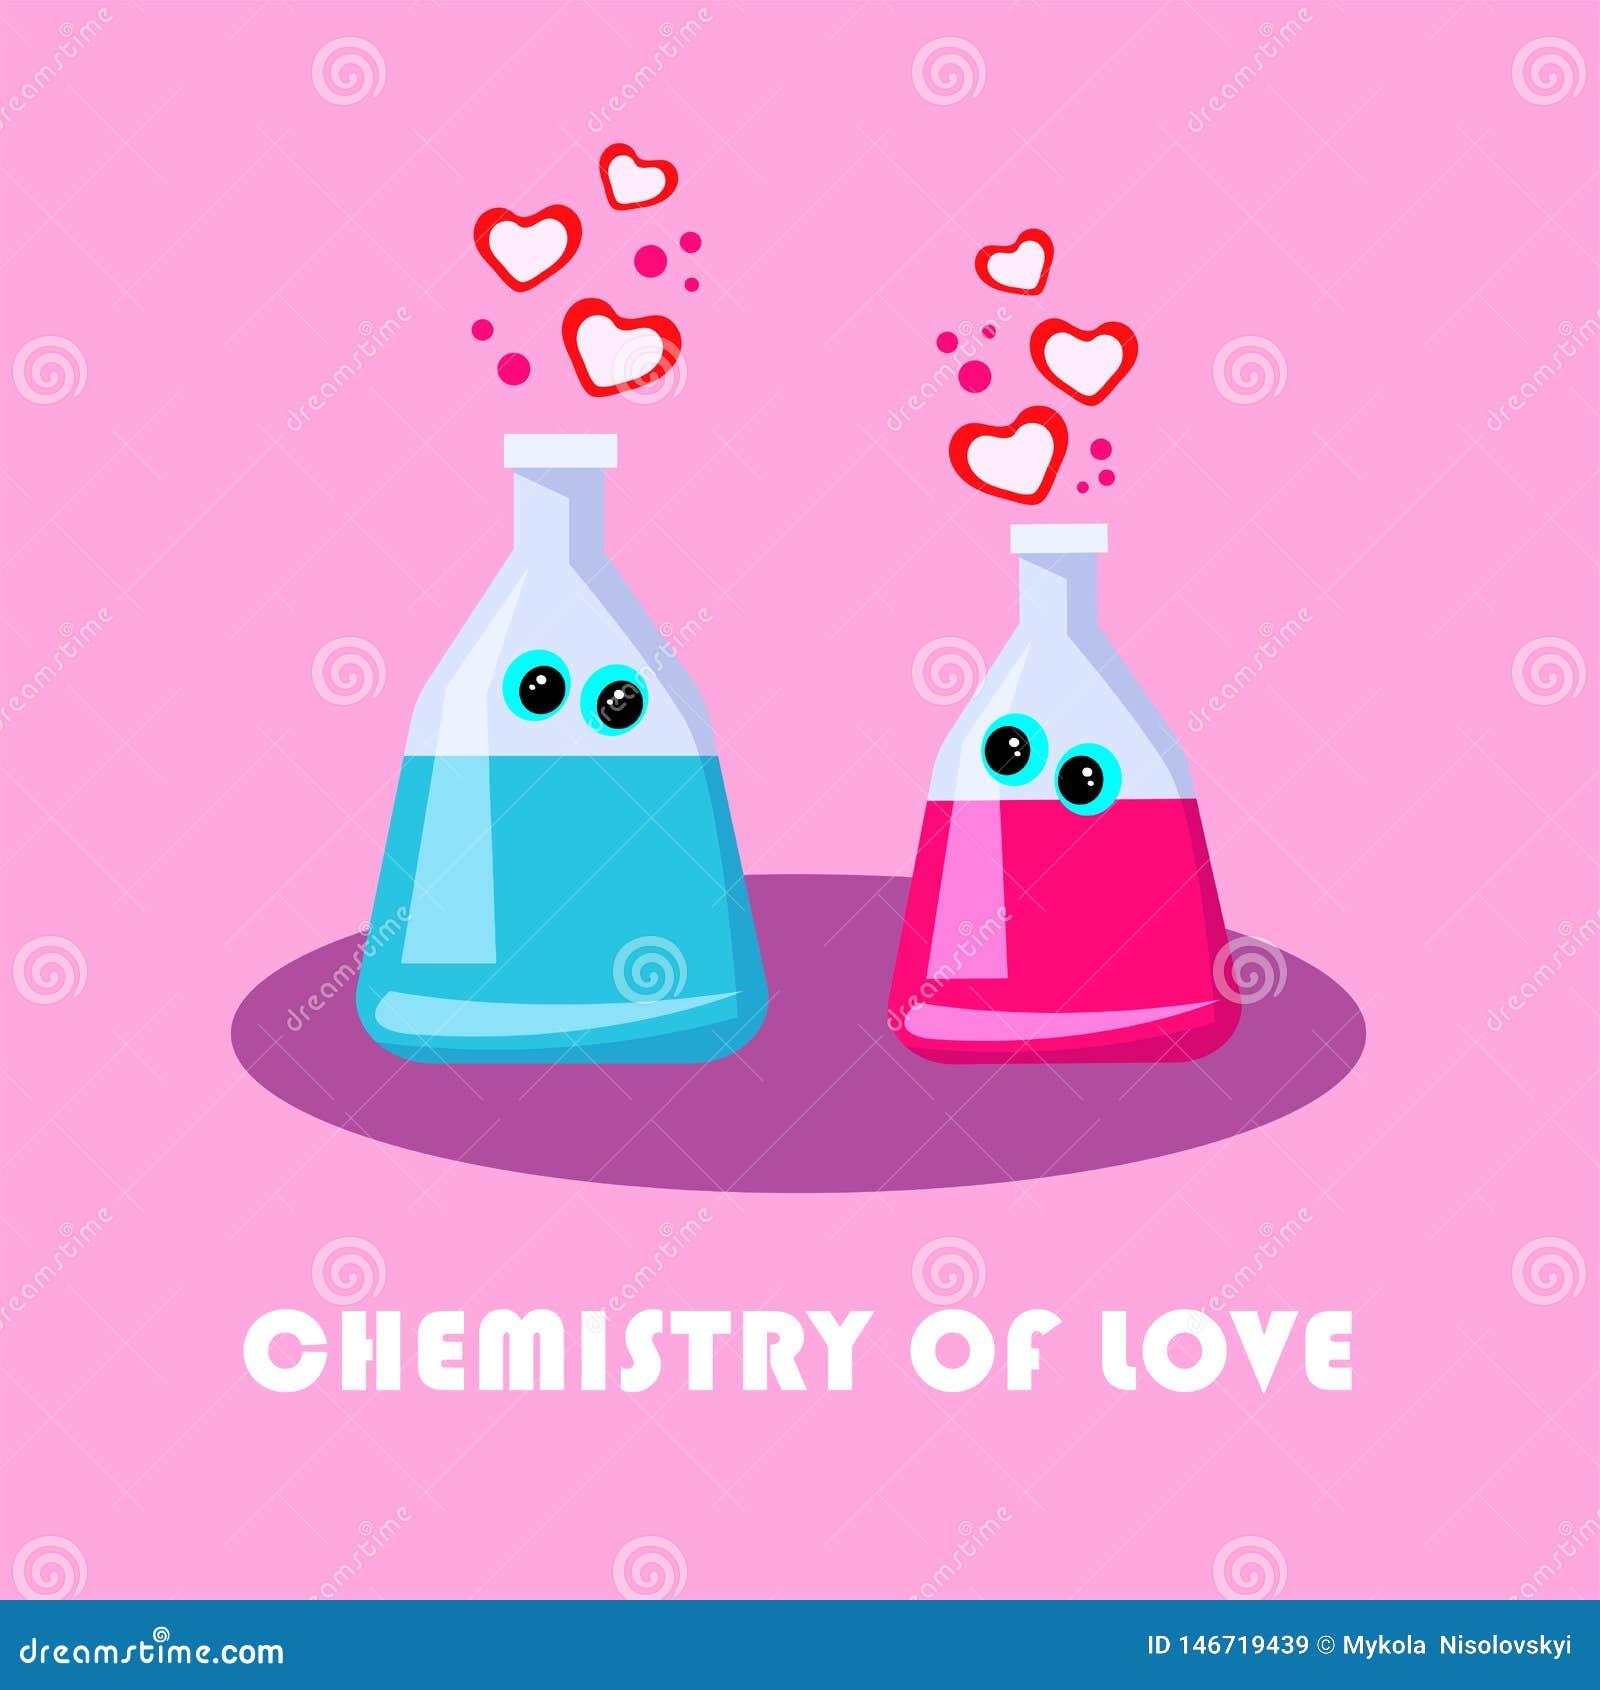 Химия надписи мультфильма плоская вектора любов